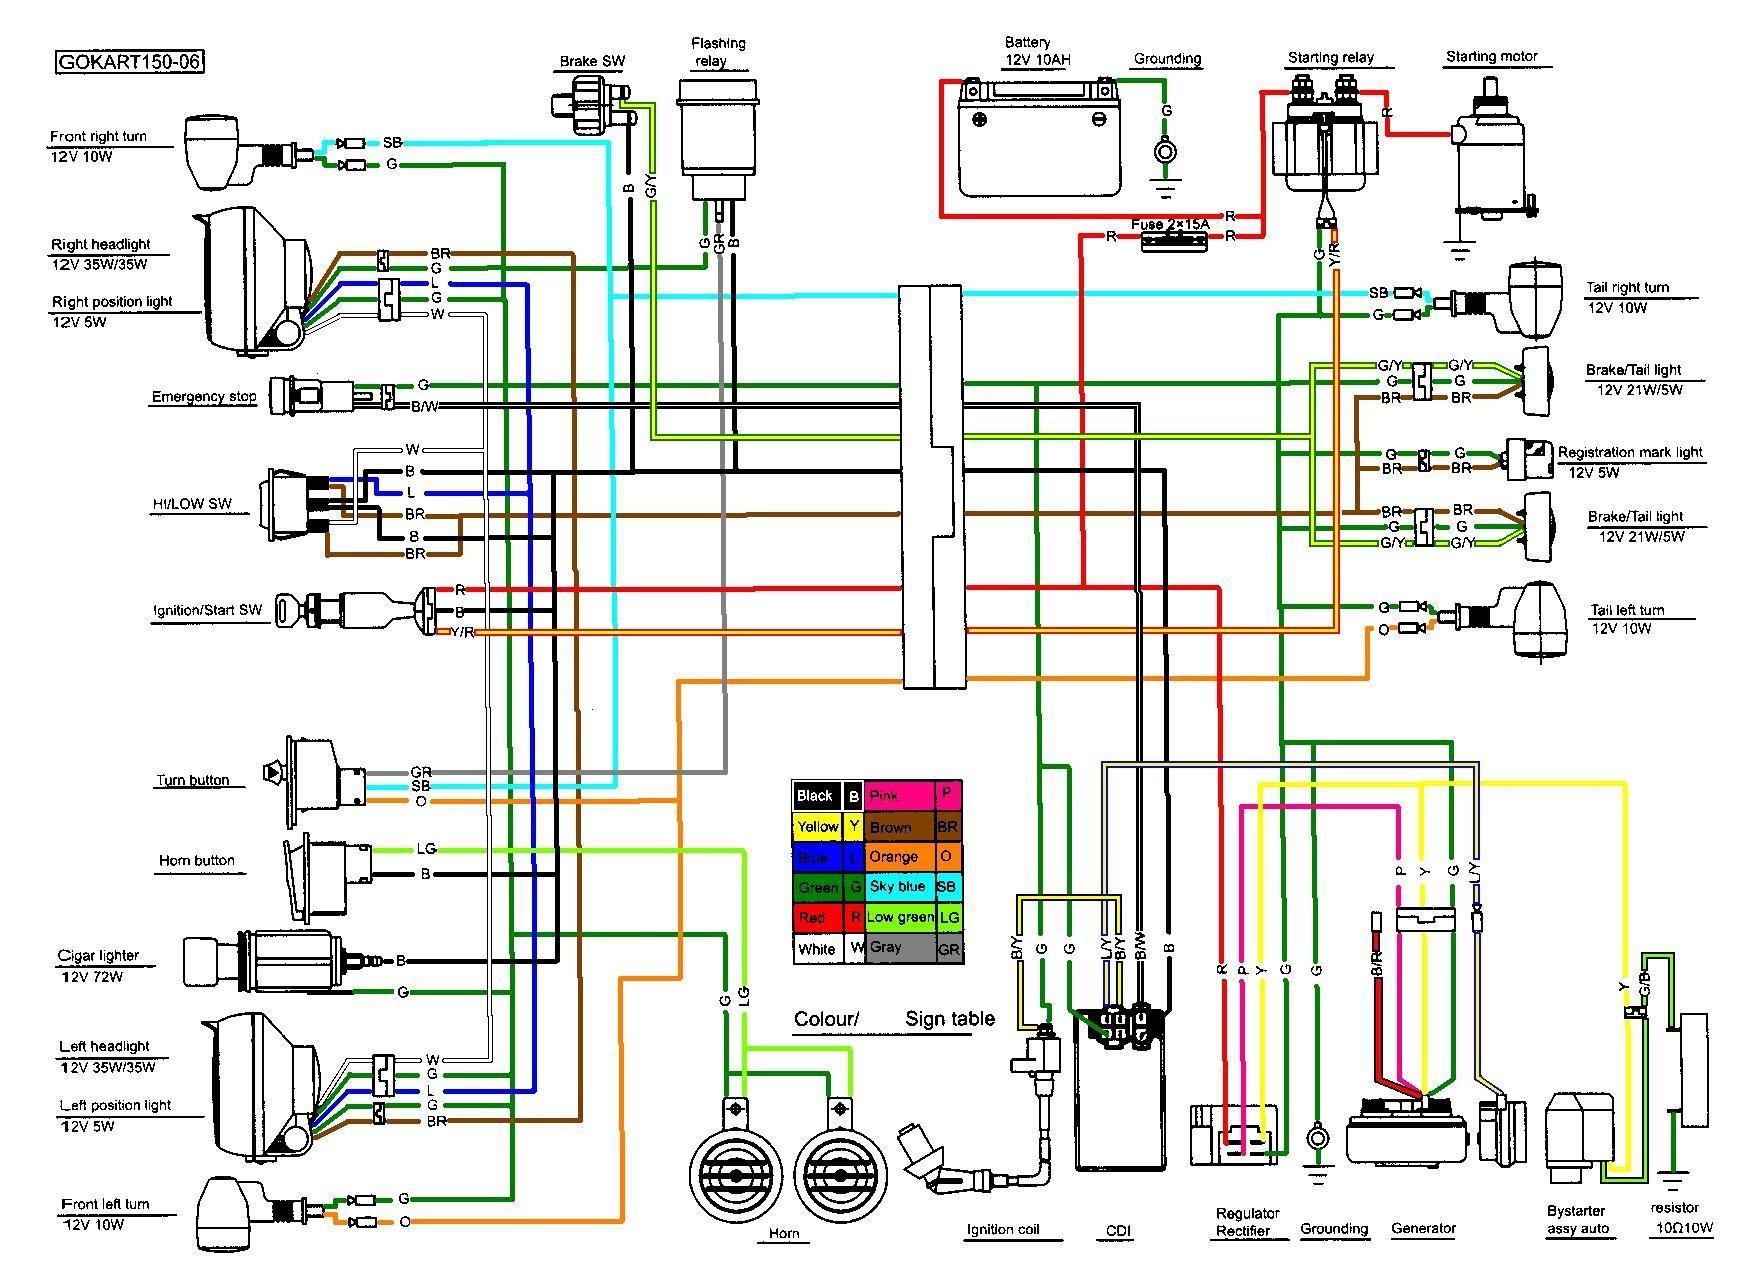 Wiring Diagram Suzuki Raider 150 Schematic Diagrams Rc4 J And Schematics 185 Atv